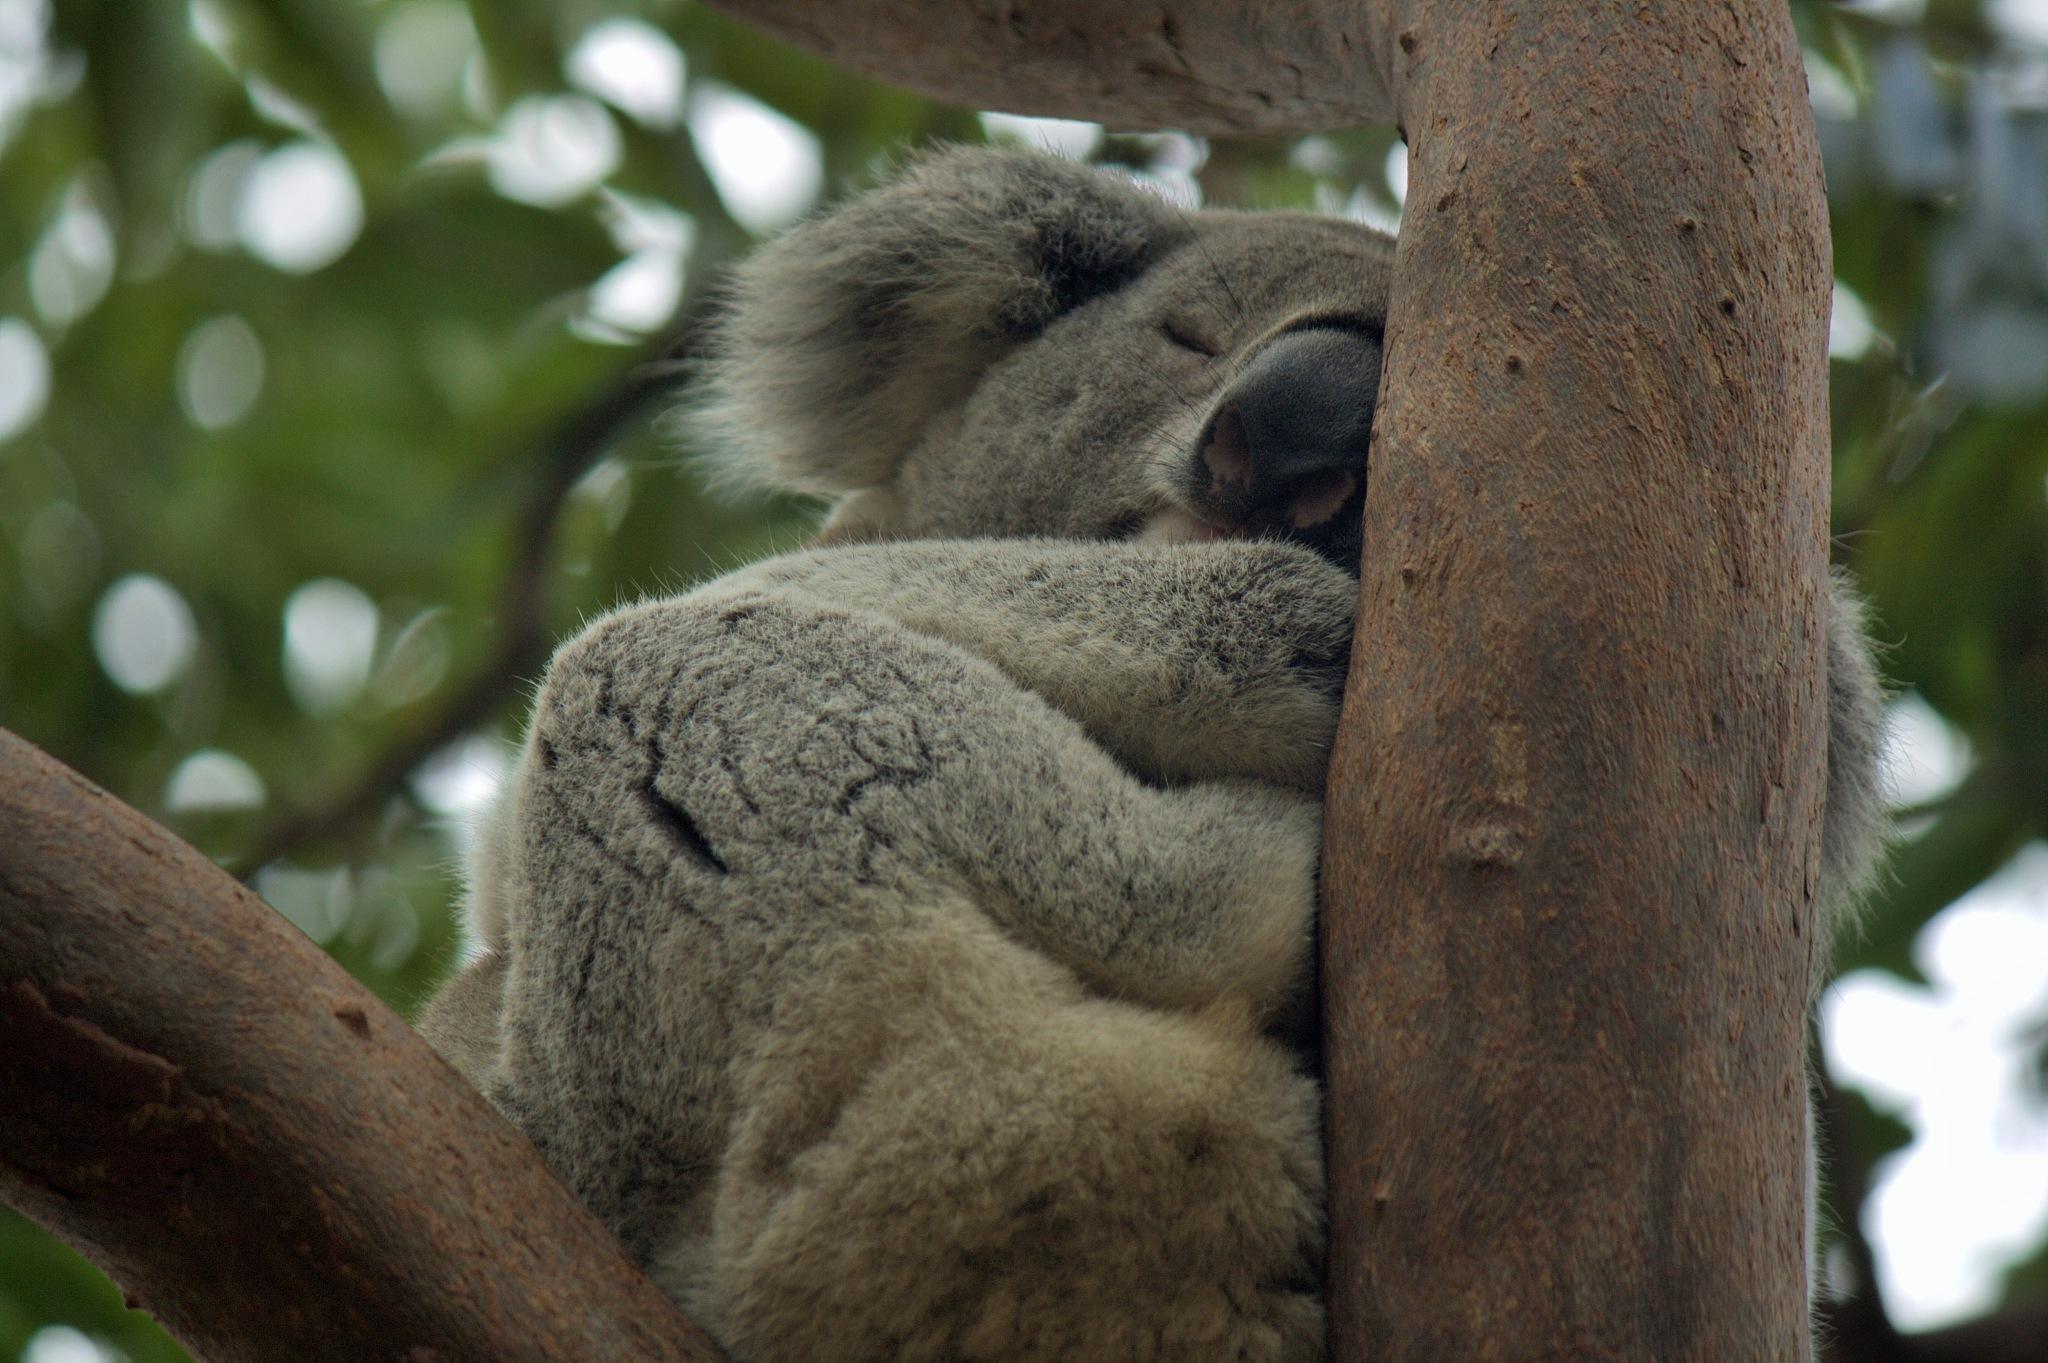 Australian wildlife by Valeria Di Meglio